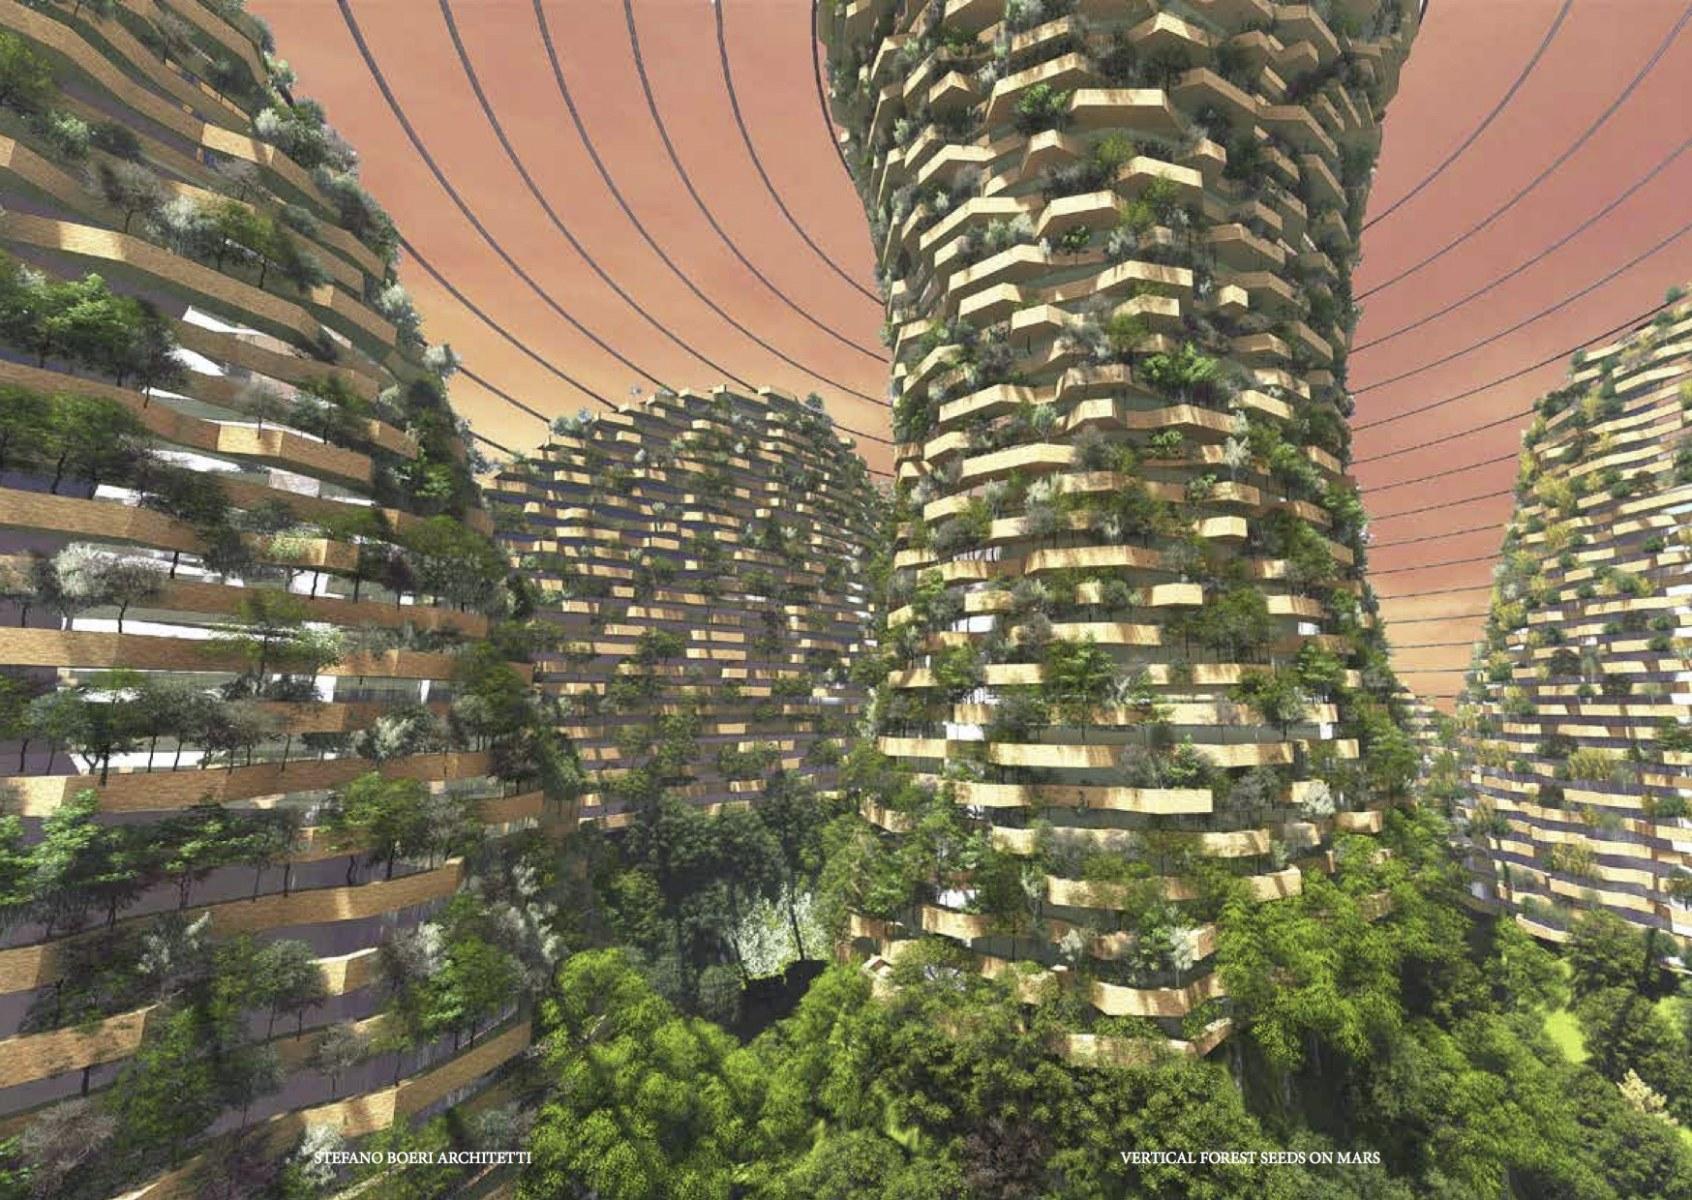 Bosco verticale di semi su Marte /  Stefano Boeri Architetti